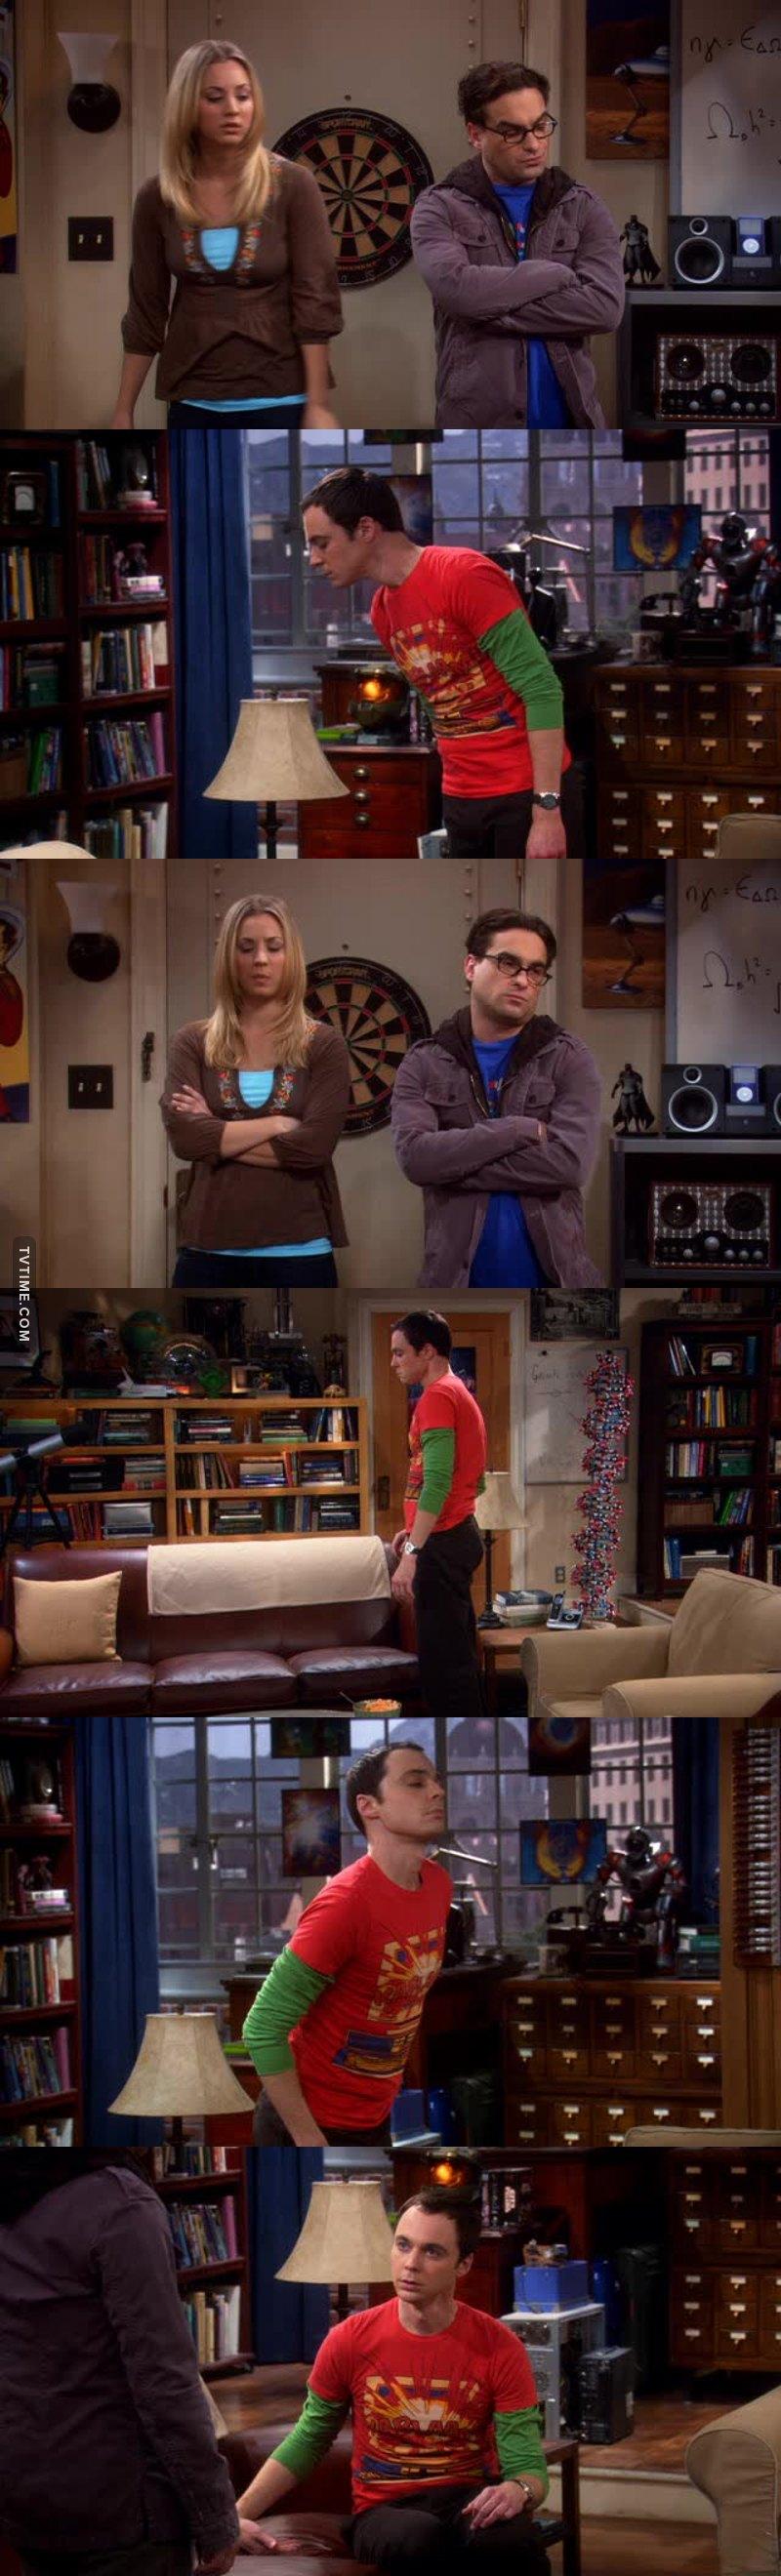 """""""Metti le chiappe sul divano!"""" 😂😂😂😂"""